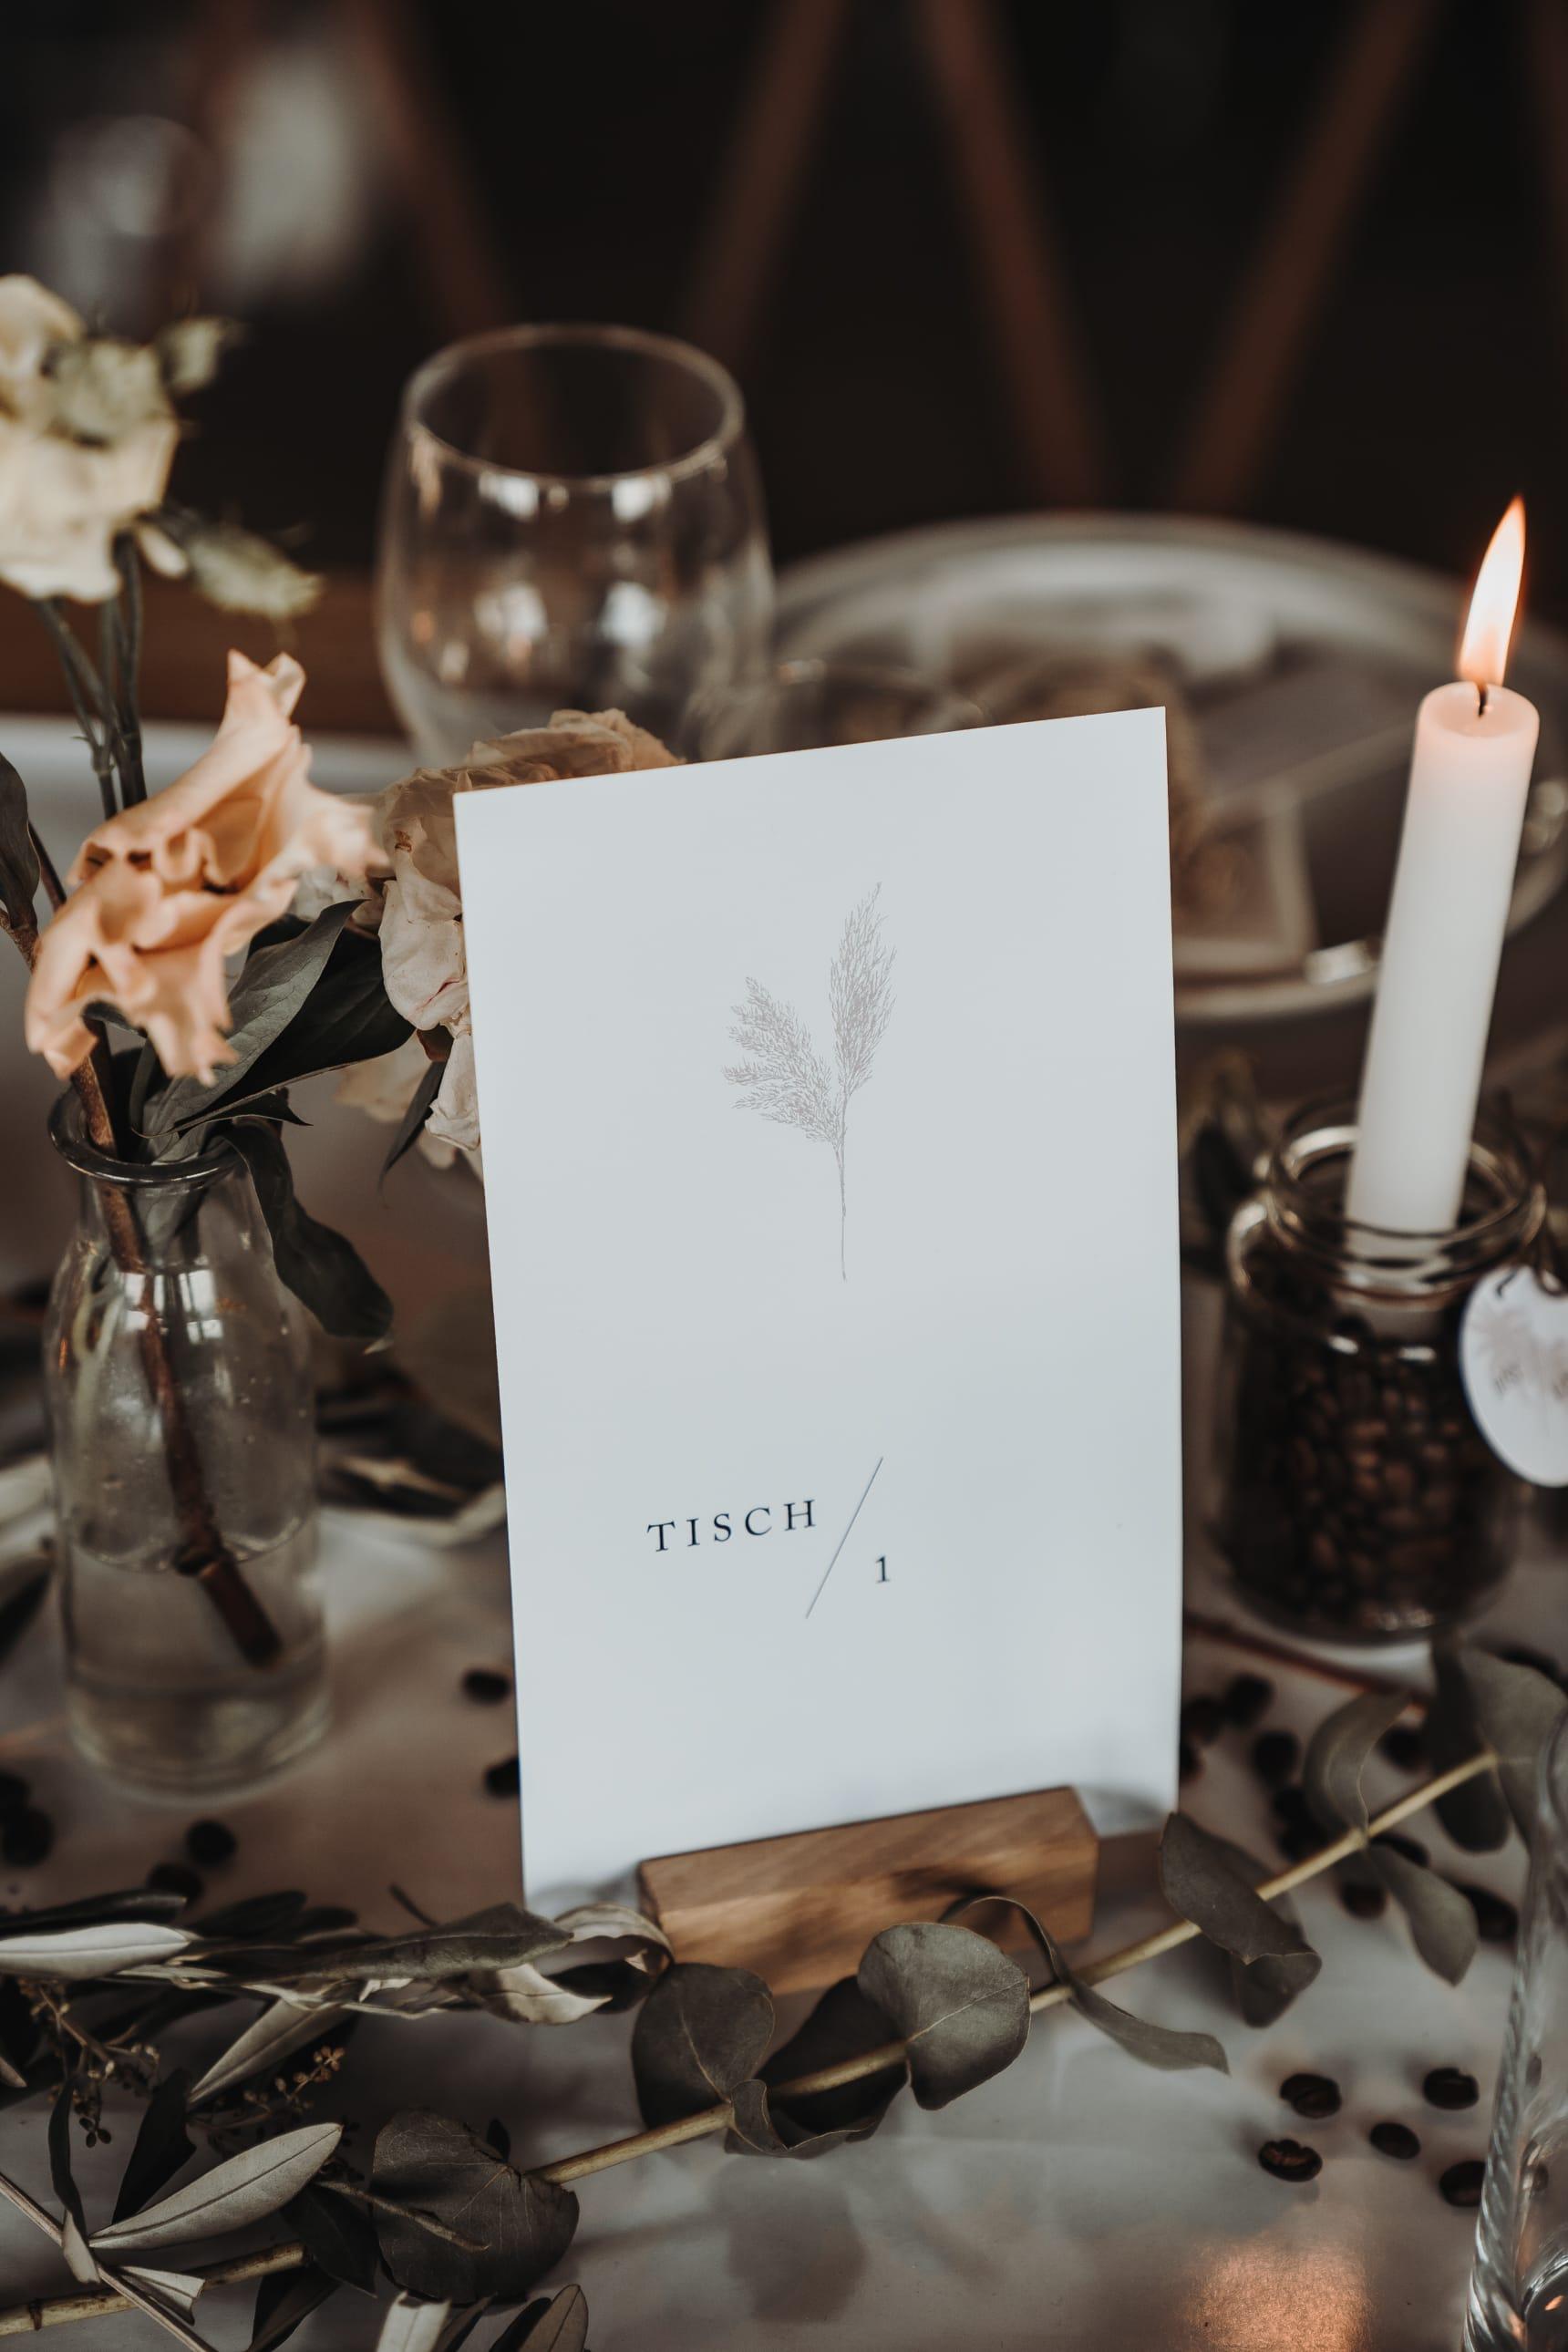 Tischkarten_Hochzeit_ideen_01